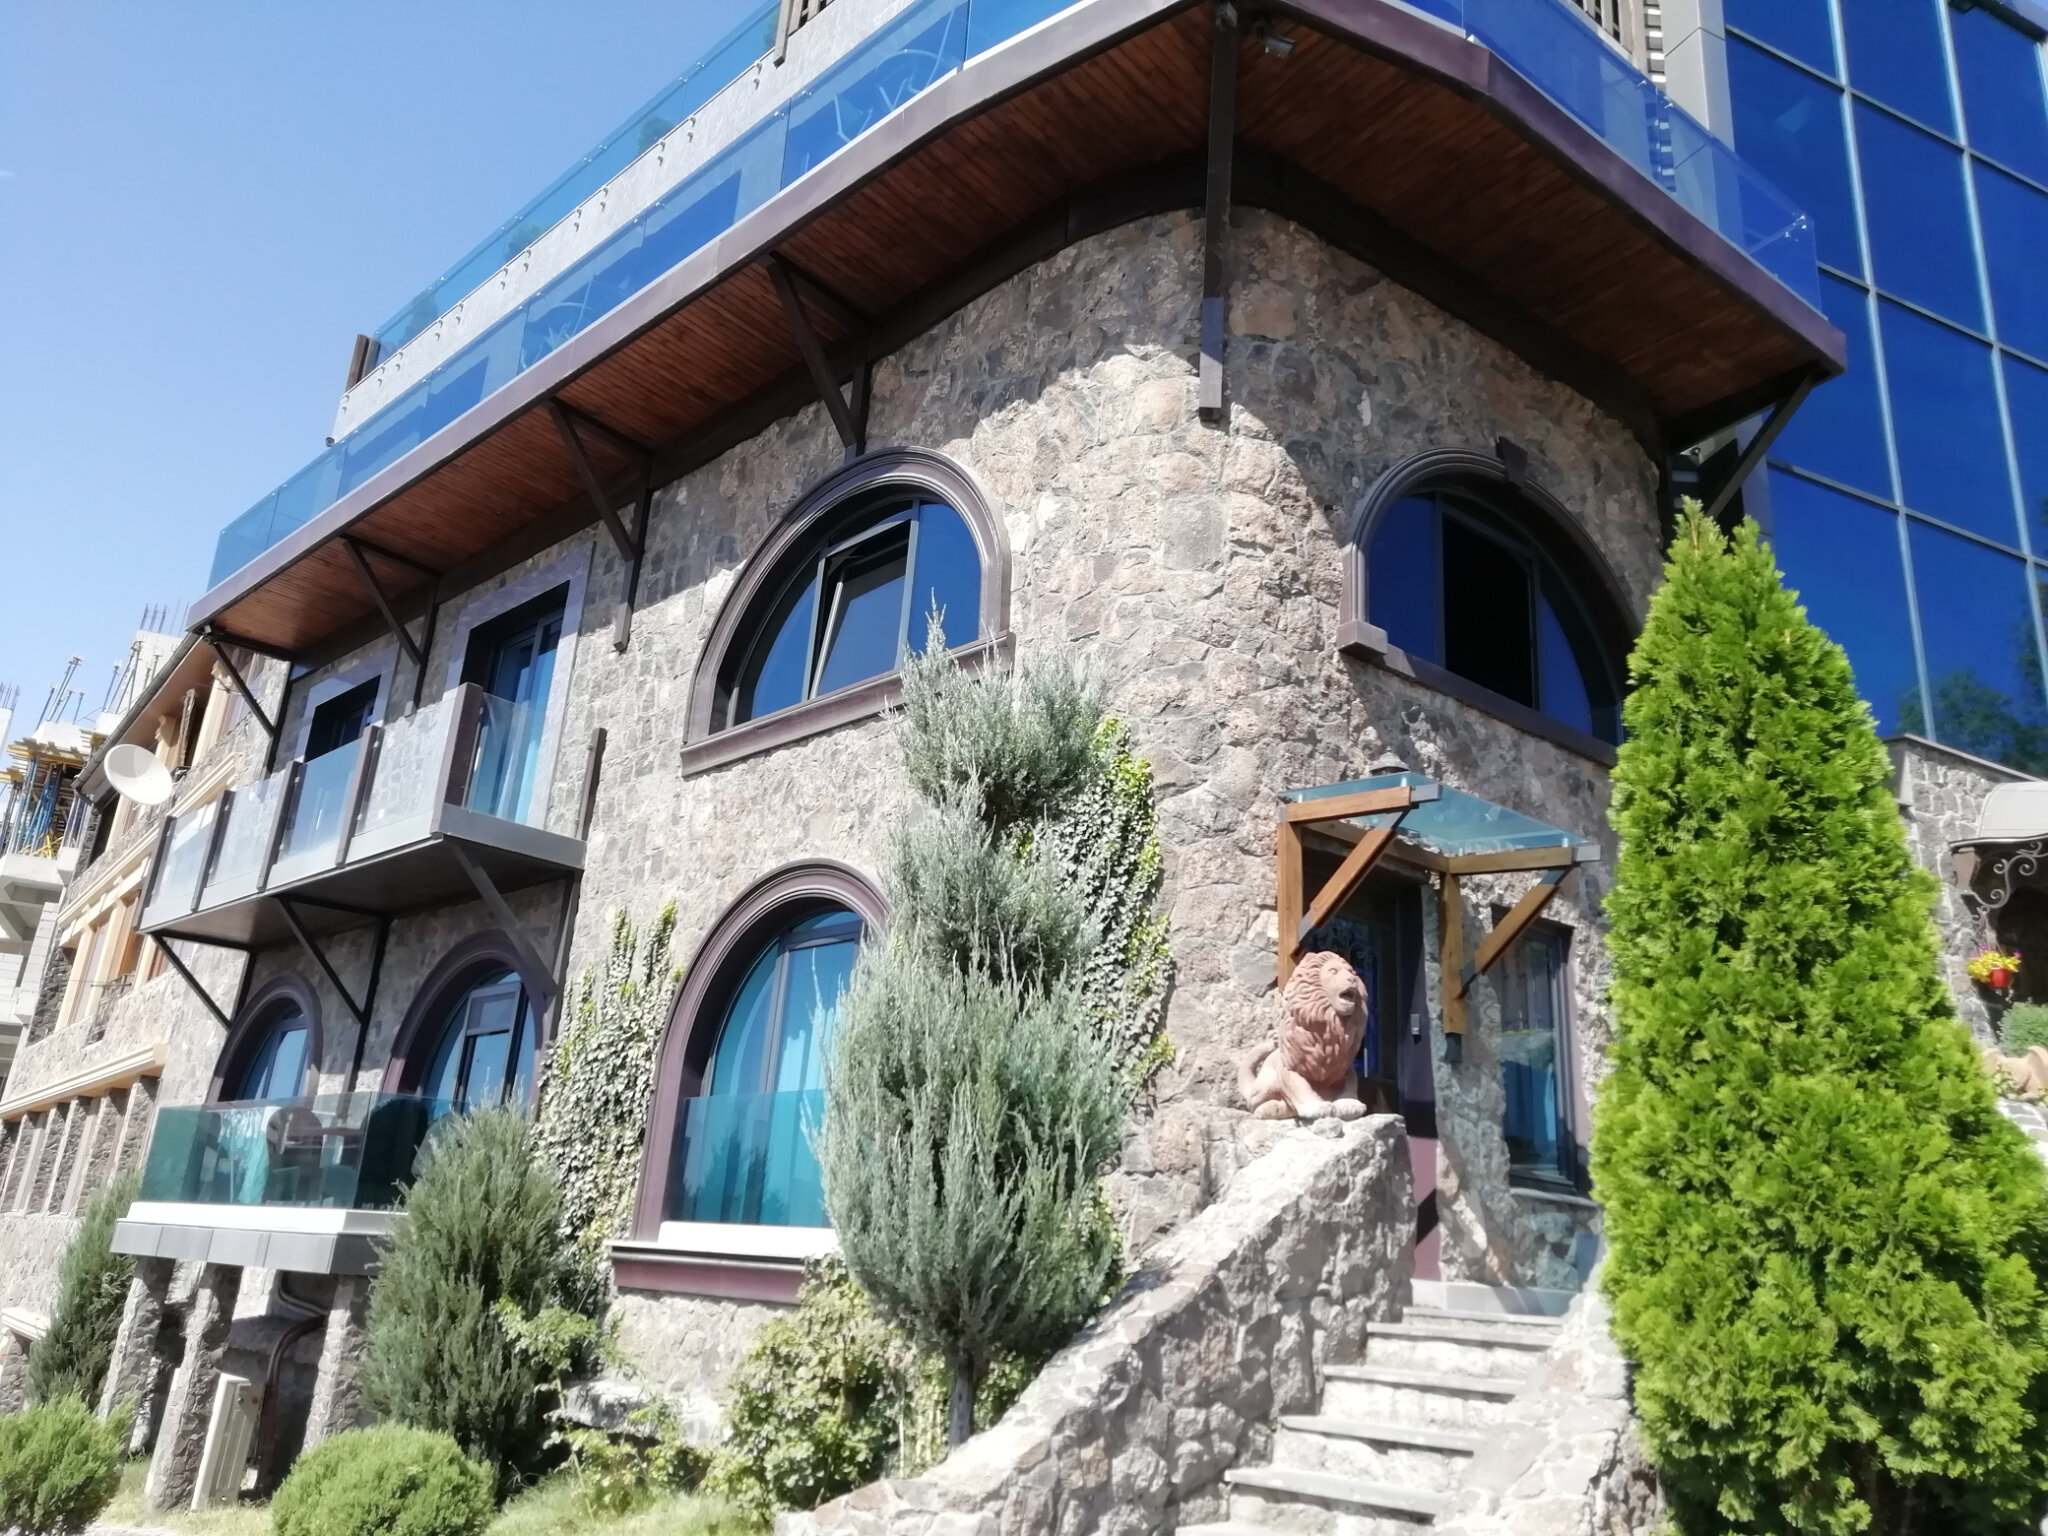 Vu d'ici vu d'ailleurs - L'habitat à Erevan